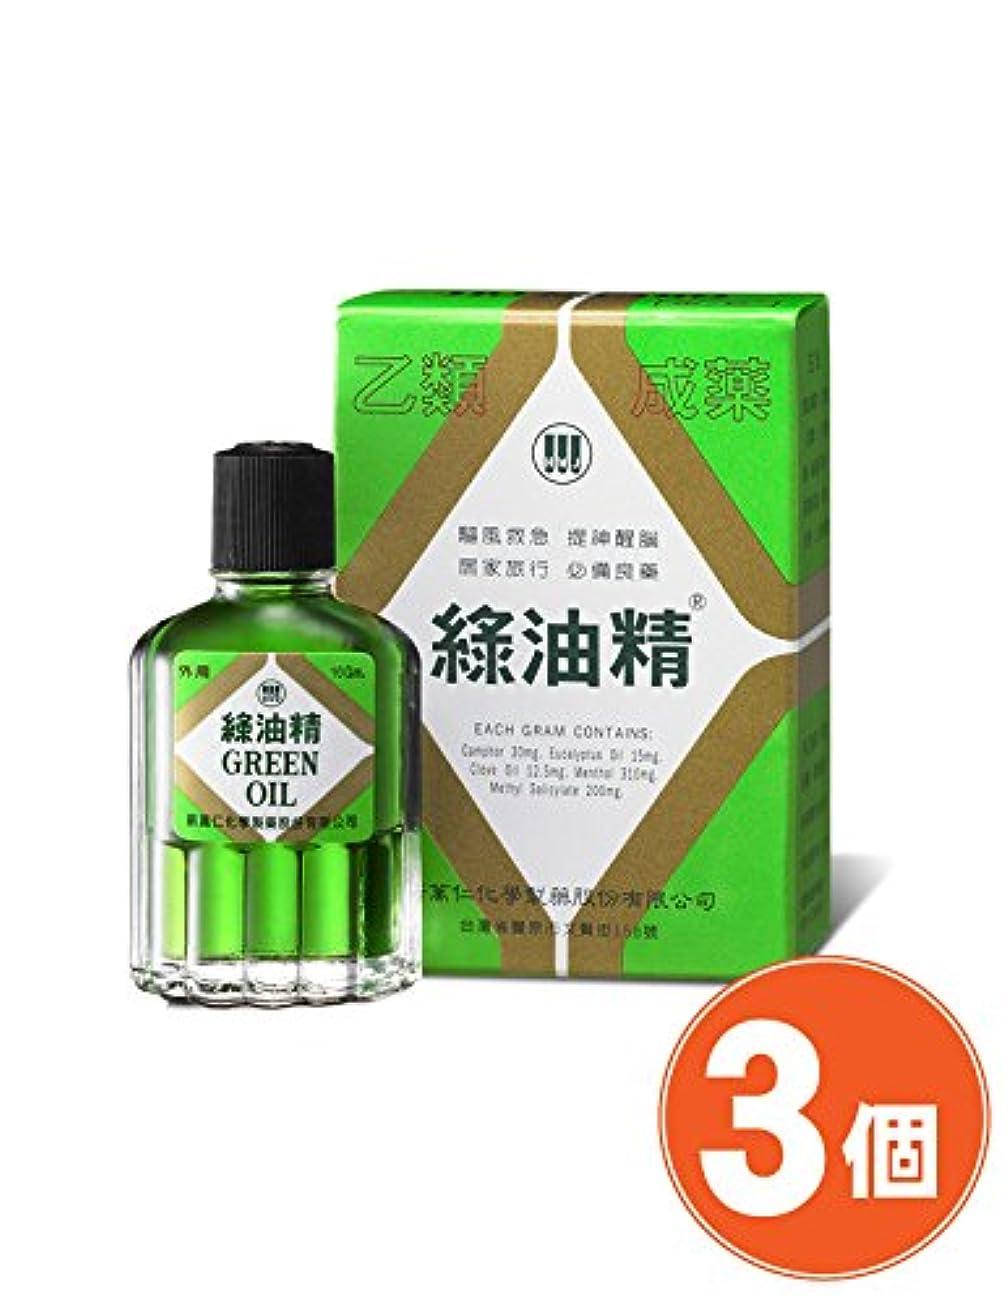 十代の若者たち否定する起点《新萬仁》台湾の万能グリーンオイル 緑油精 10g ×3個 《台湾 お土産》 [並行輸入品]